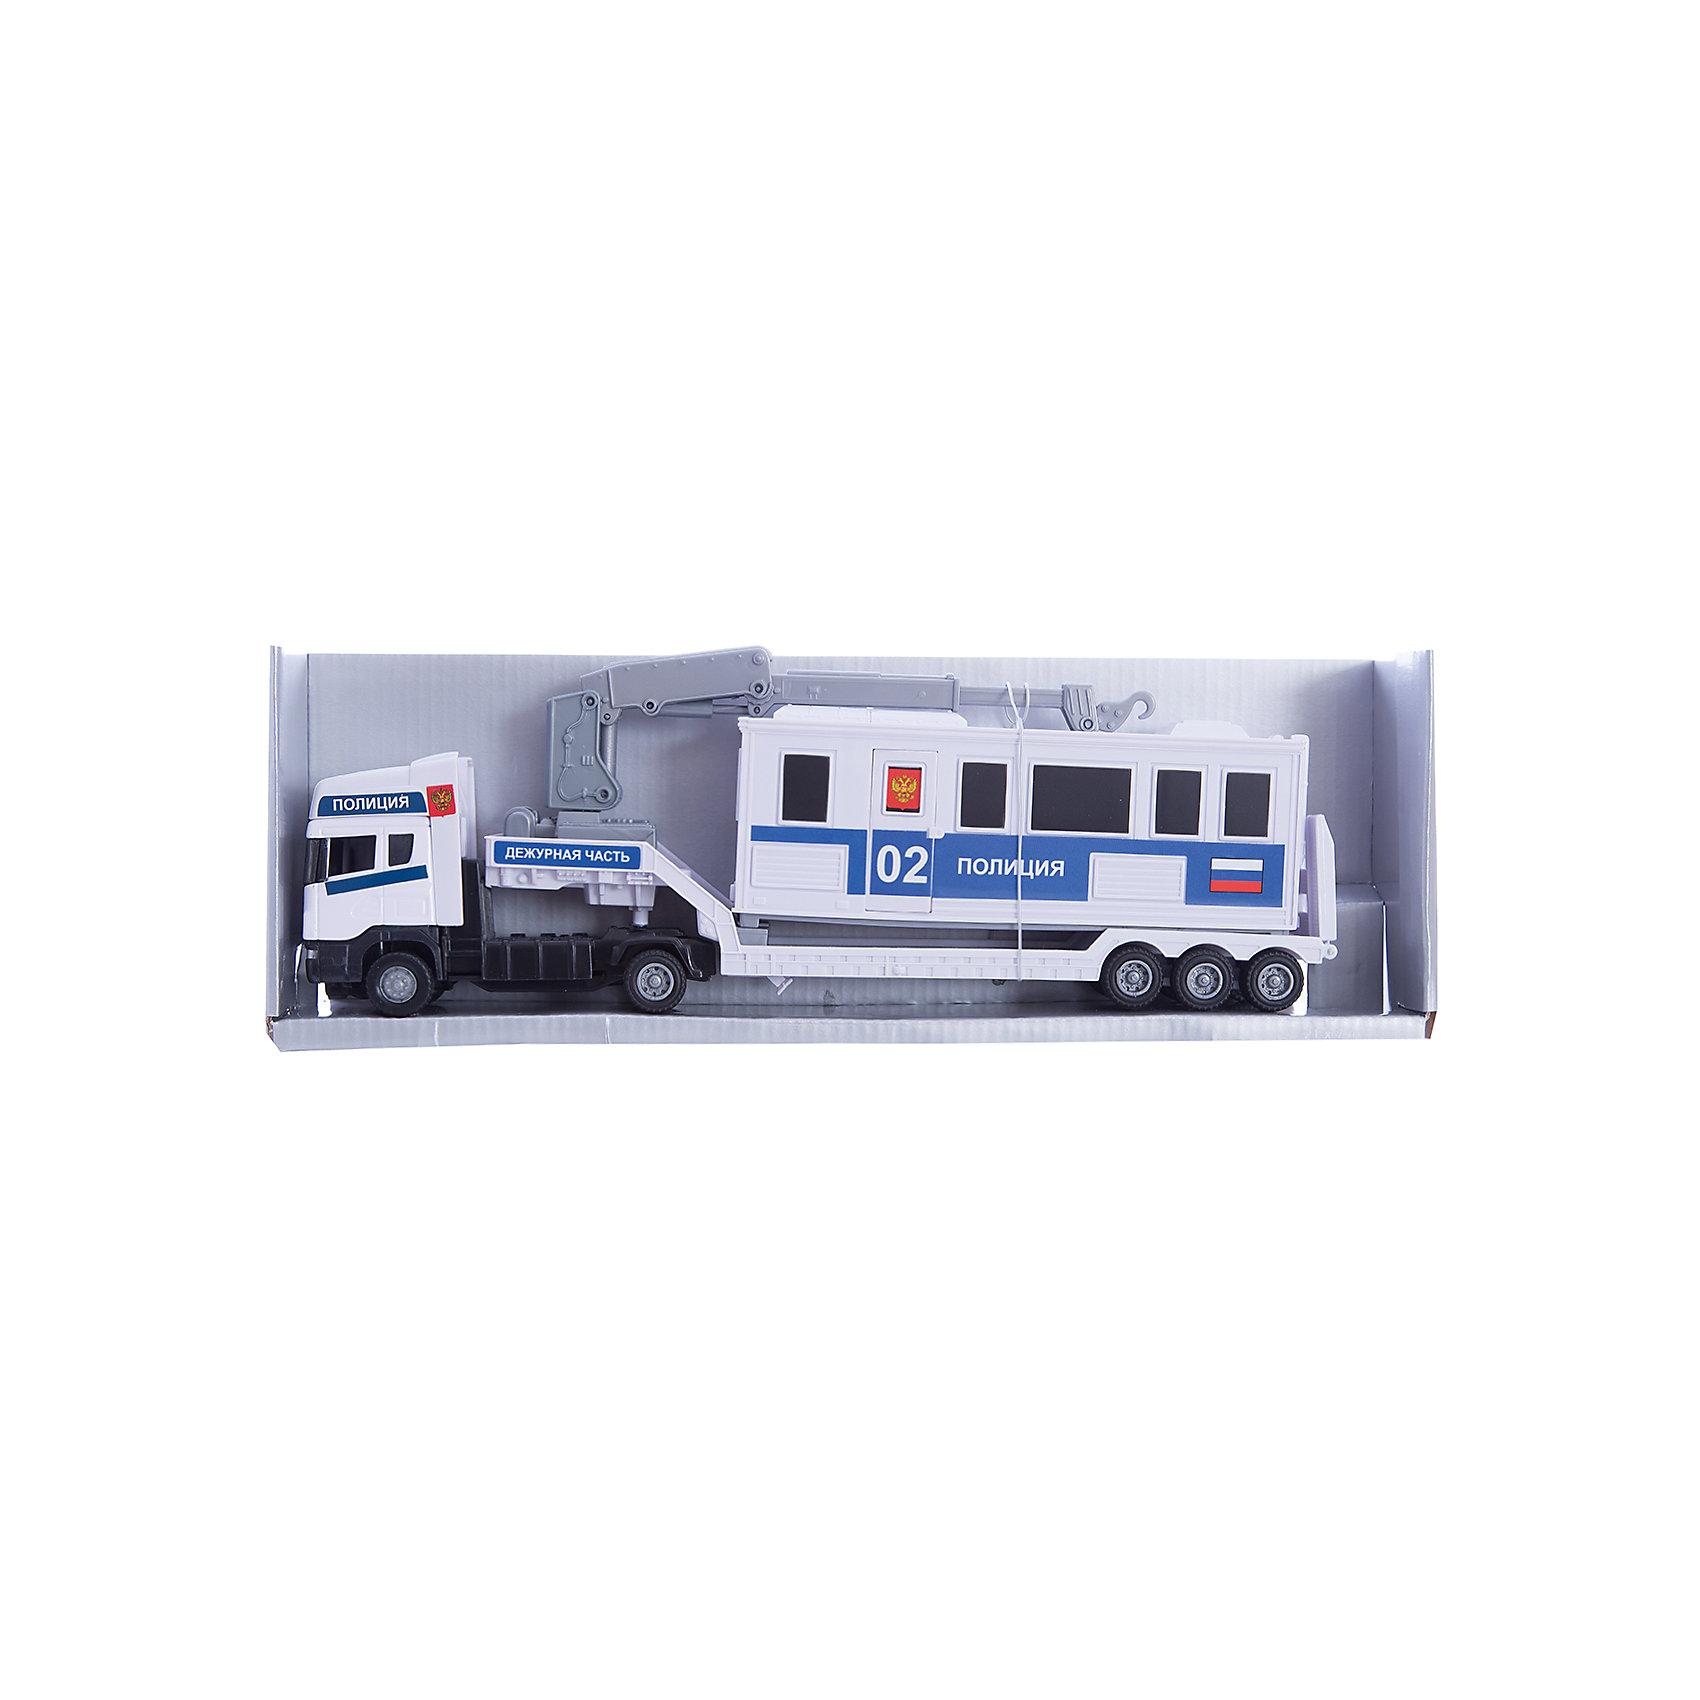 Машинка Scania база на платформе, полиция 1:48, AutotimeМашинки<br>Характеристики товара:<br><br>• цвет: белый<br>• возраст: от 3 лет<br>• материал: металл, пластик<br>• масштаб: 1:48<br>• платформа в комплекте<br>• размер упаковки: 35х6х11 см<br>• вес с упаковкой: 300 г<br>• страна бренда: Россия, Китай<br>• страна изготовитель: Китай<br><br>Такая машинка представляет собой миниатюрную копию полицейской машины с платформой. Она отличается высокой детализацией, является коллекционной моделью. <br><br>Сделана машинка из прочного и безопасного материала. Корпус - из металла и пластика.<br><br>Машинку «Scania база на платформе, полиция 1:48», Autotime (Автотайм) можно купить в нашем интернет-магазине.<br><br>Ширина мм: 362<br>Глубина мм: 114<br>Высота мм: 146<br>Вес г: 15<br>Возраст от месяцев: 36<br>Возраст до месяцев: 2147483647<br>Пол: Мужской<br>Возраст: Детский<br>SKU: 5584133